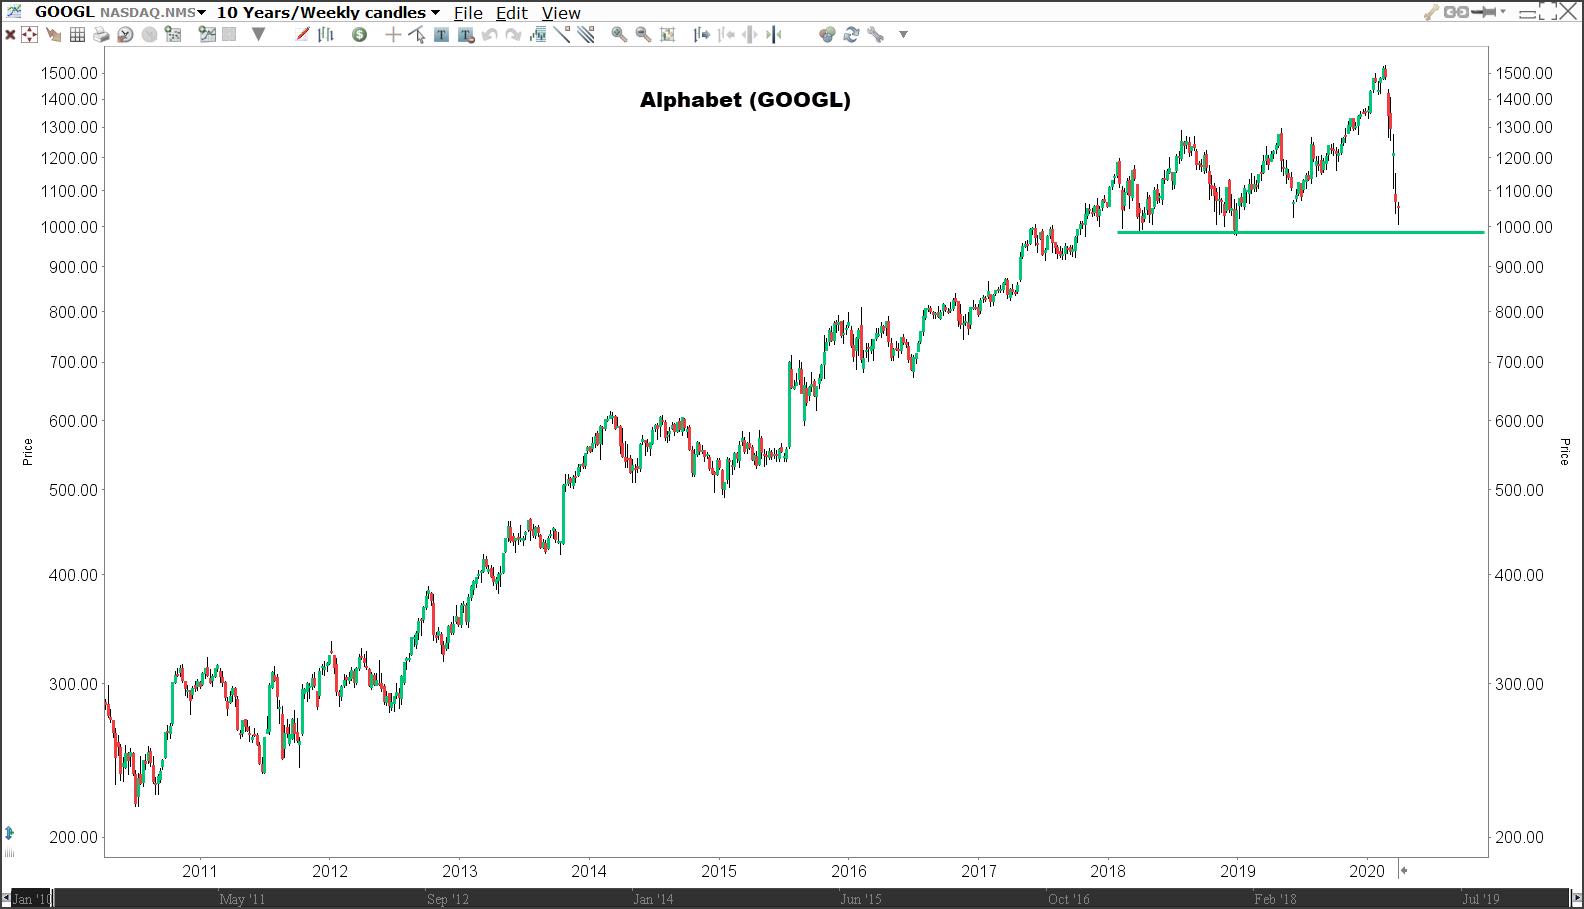 Aandeel Alphabet (GOOGL) - Beleggen in trends